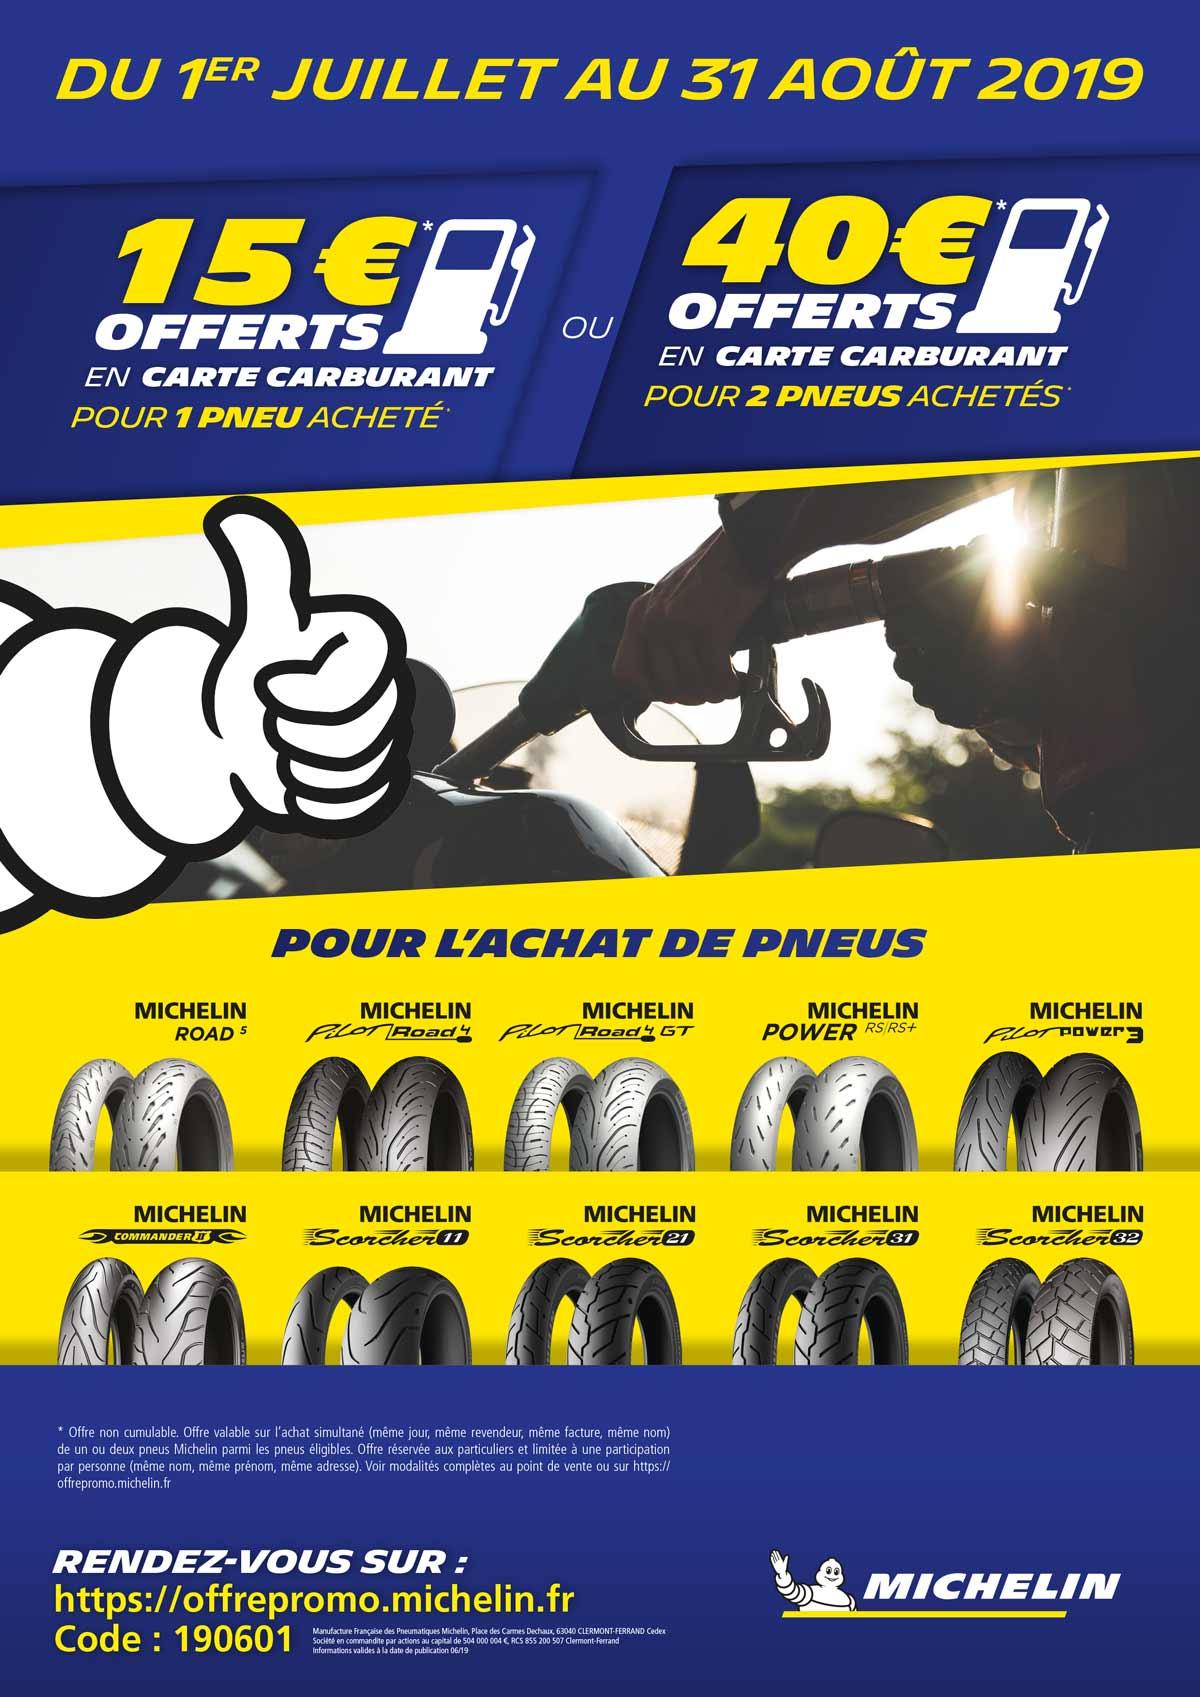 Accédez à l'offre Michelin en entrant le code promo : 190601